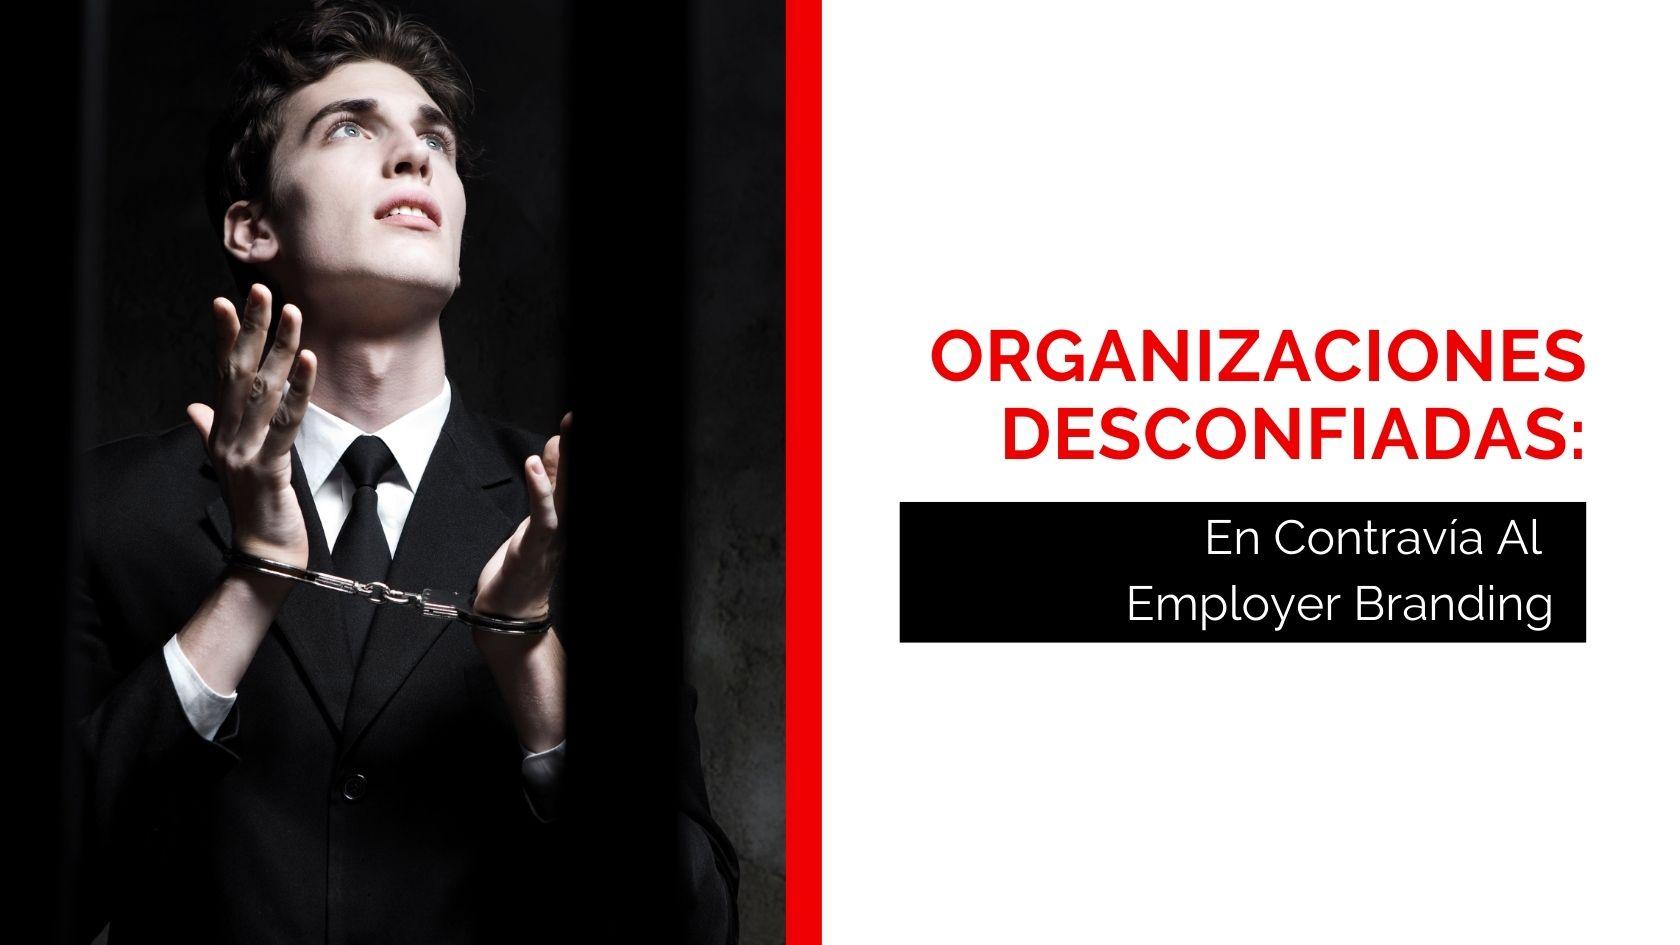 Héctor Jimenez - Organizaciones Desconfiadas - En Contravía Al Employer Branding final - 1